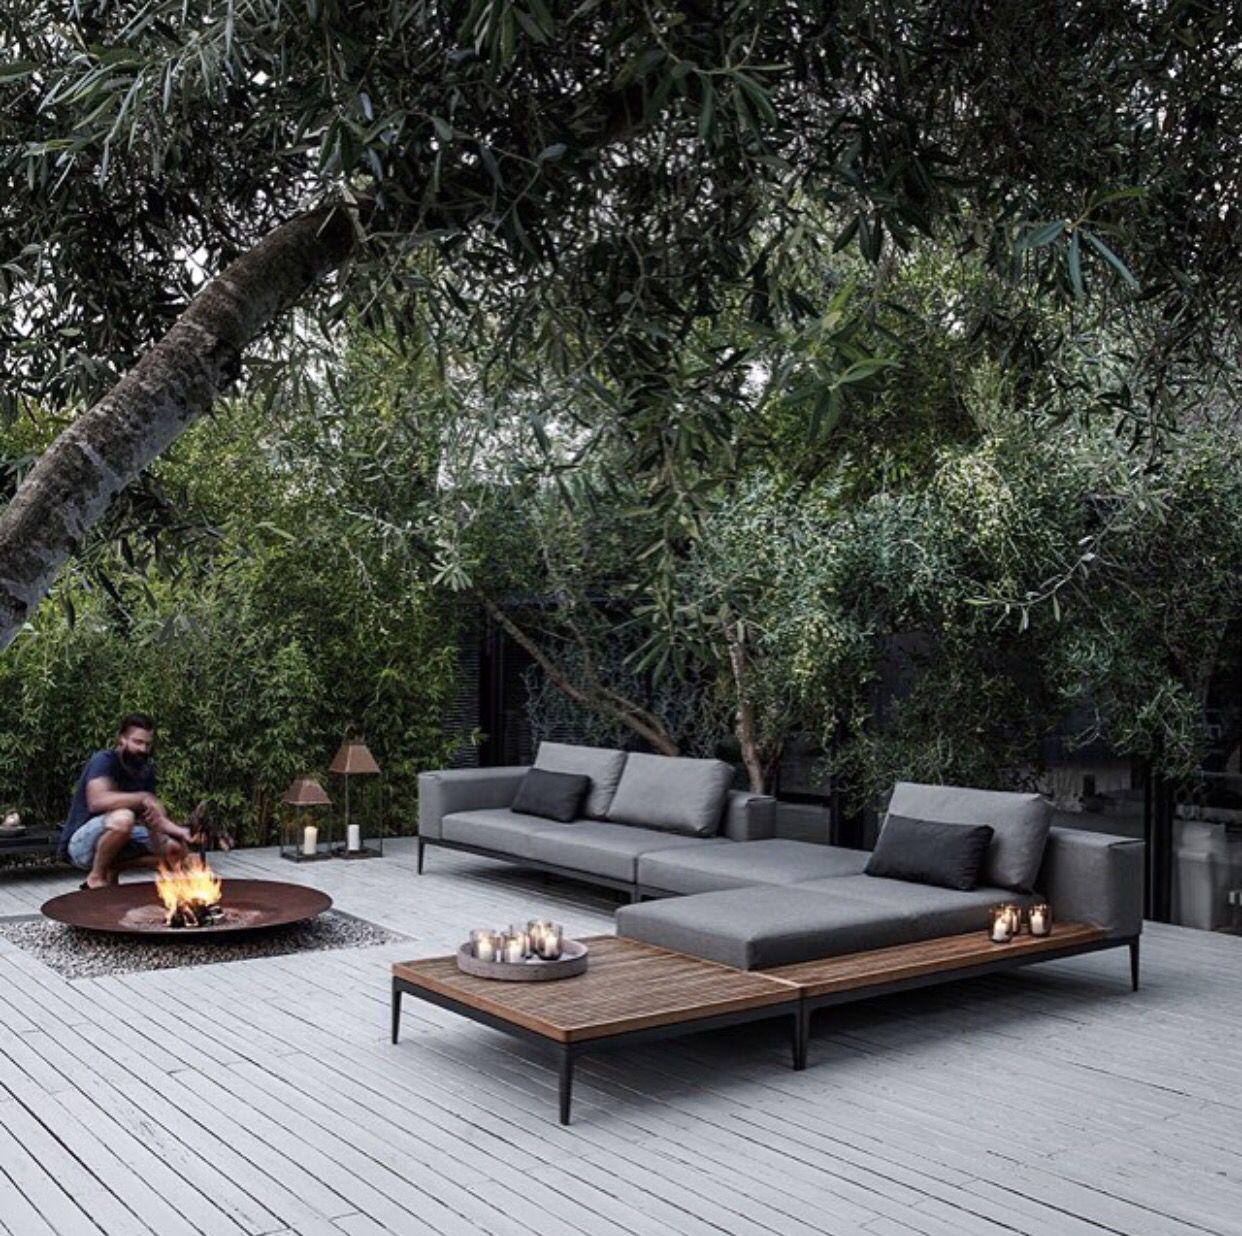 Outdoor | Mobilier Jardin, Mobilier De Jardin Contemporain ... intérieur Mobilier De Jardin Moderne